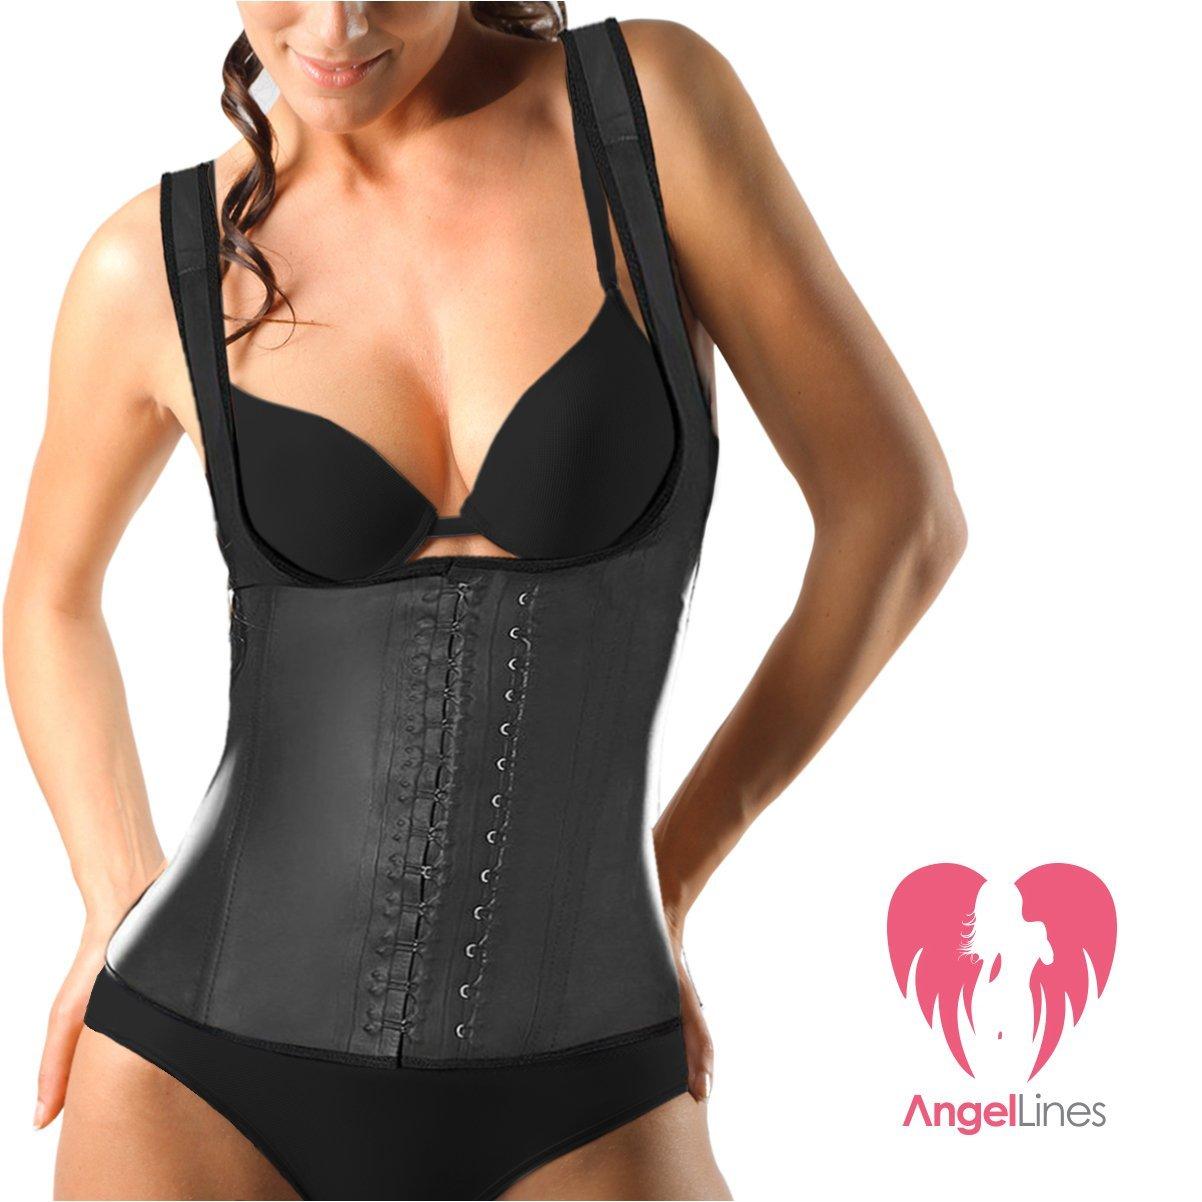 d547ca89e16 Amazon.com  Angel Lines Waist Trainer Corset - Shape Compression Vest for Slim  Body - Black-M  Beauty